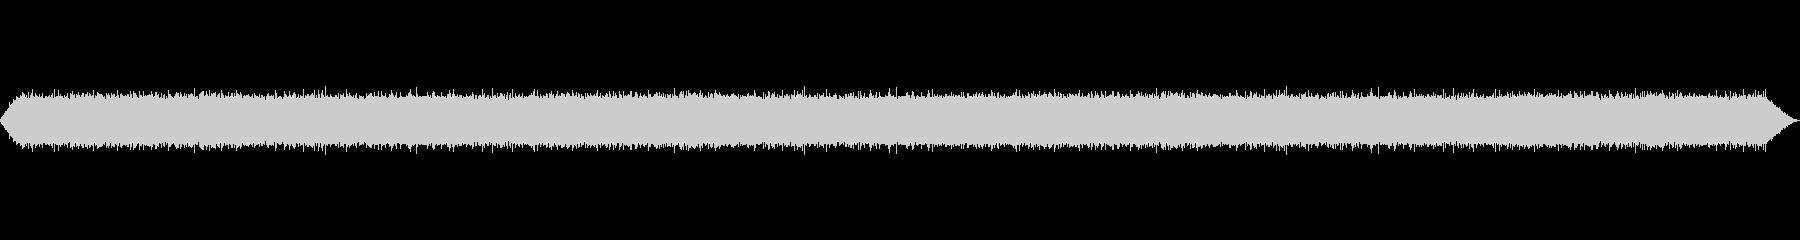 川音3 渓流 急流 滝の上から【生録音】の未再生の波形